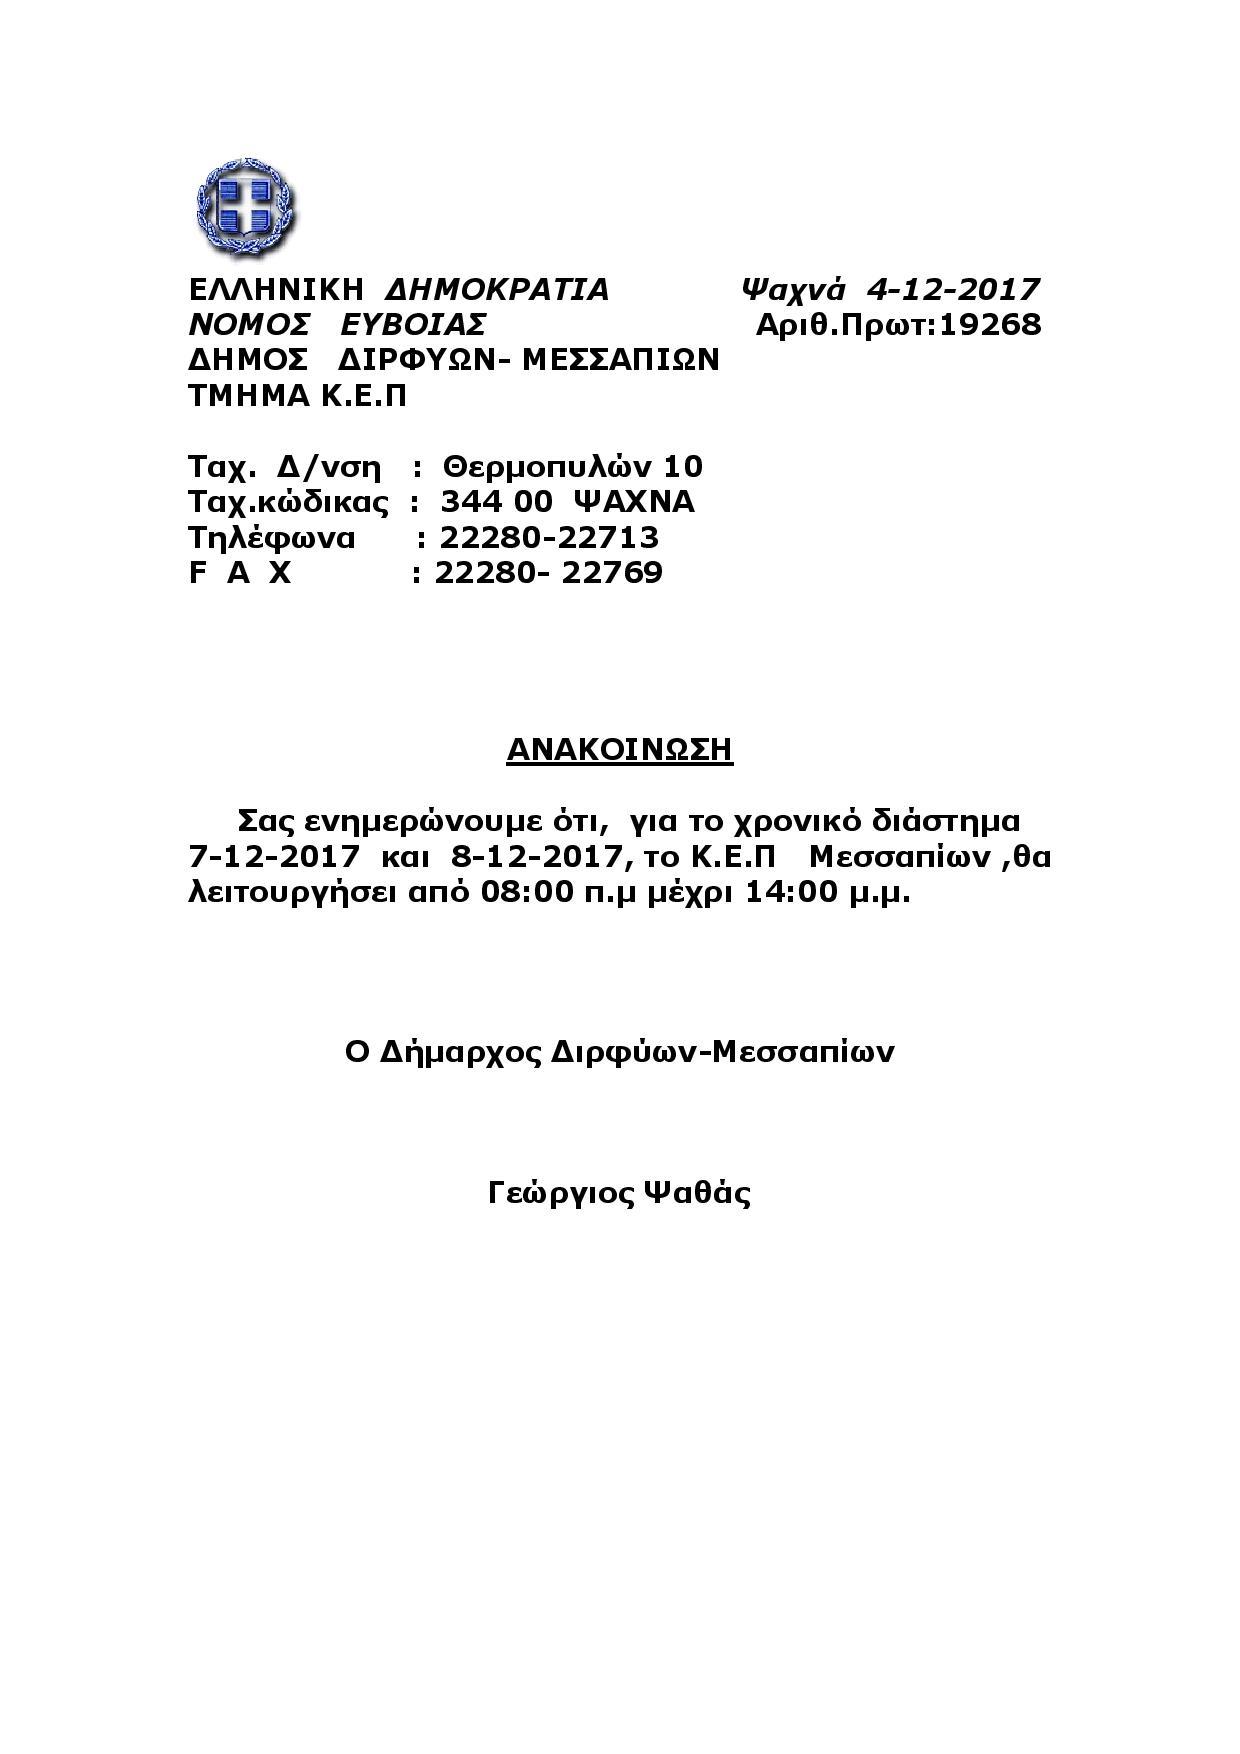 Ανακοίνωση λειτουργίας Κ.Ε.Π. Μεσσαπίων από 7/12/17 εώς 8/12/17 Document page 001